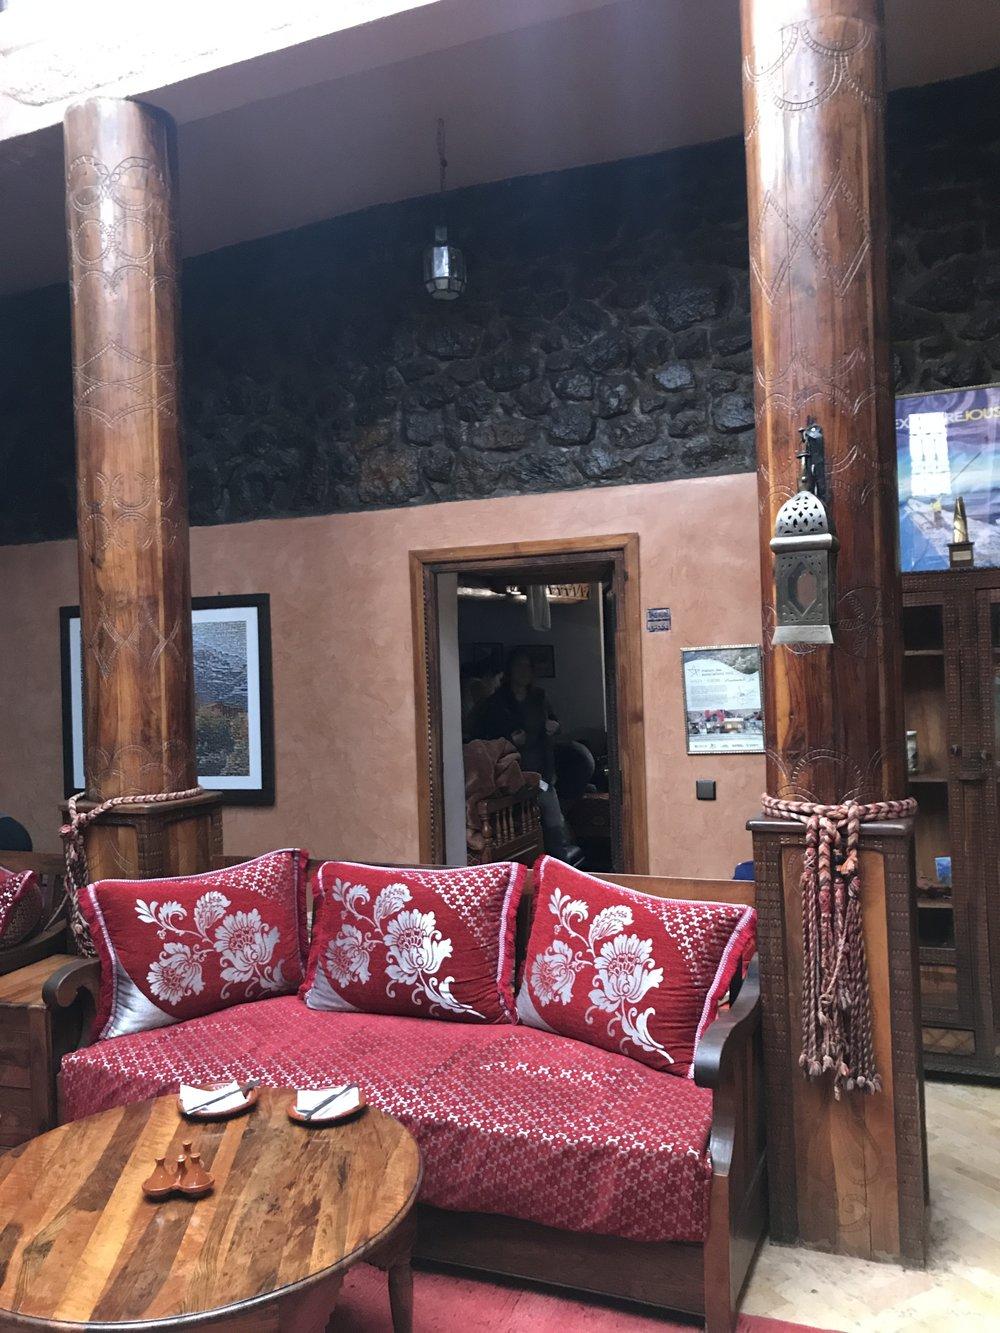 The Dinner Room